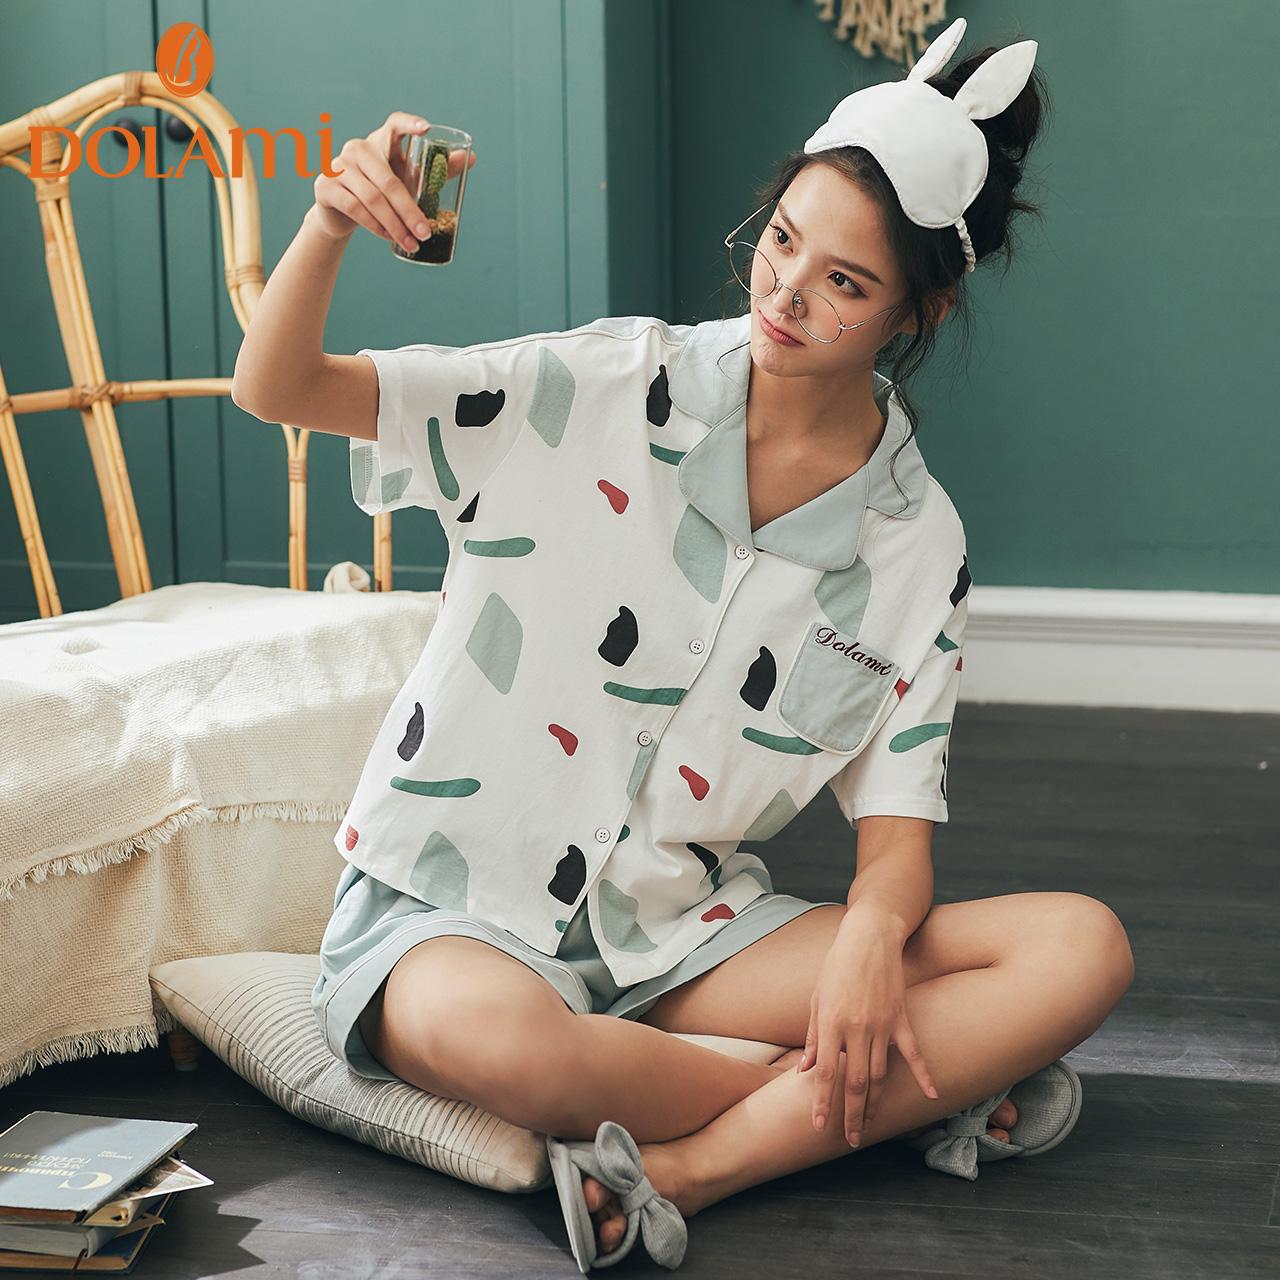 多拉美睡衣女夏季短袖宽松两件套夏天纯棉韩版清新学生家居服套装